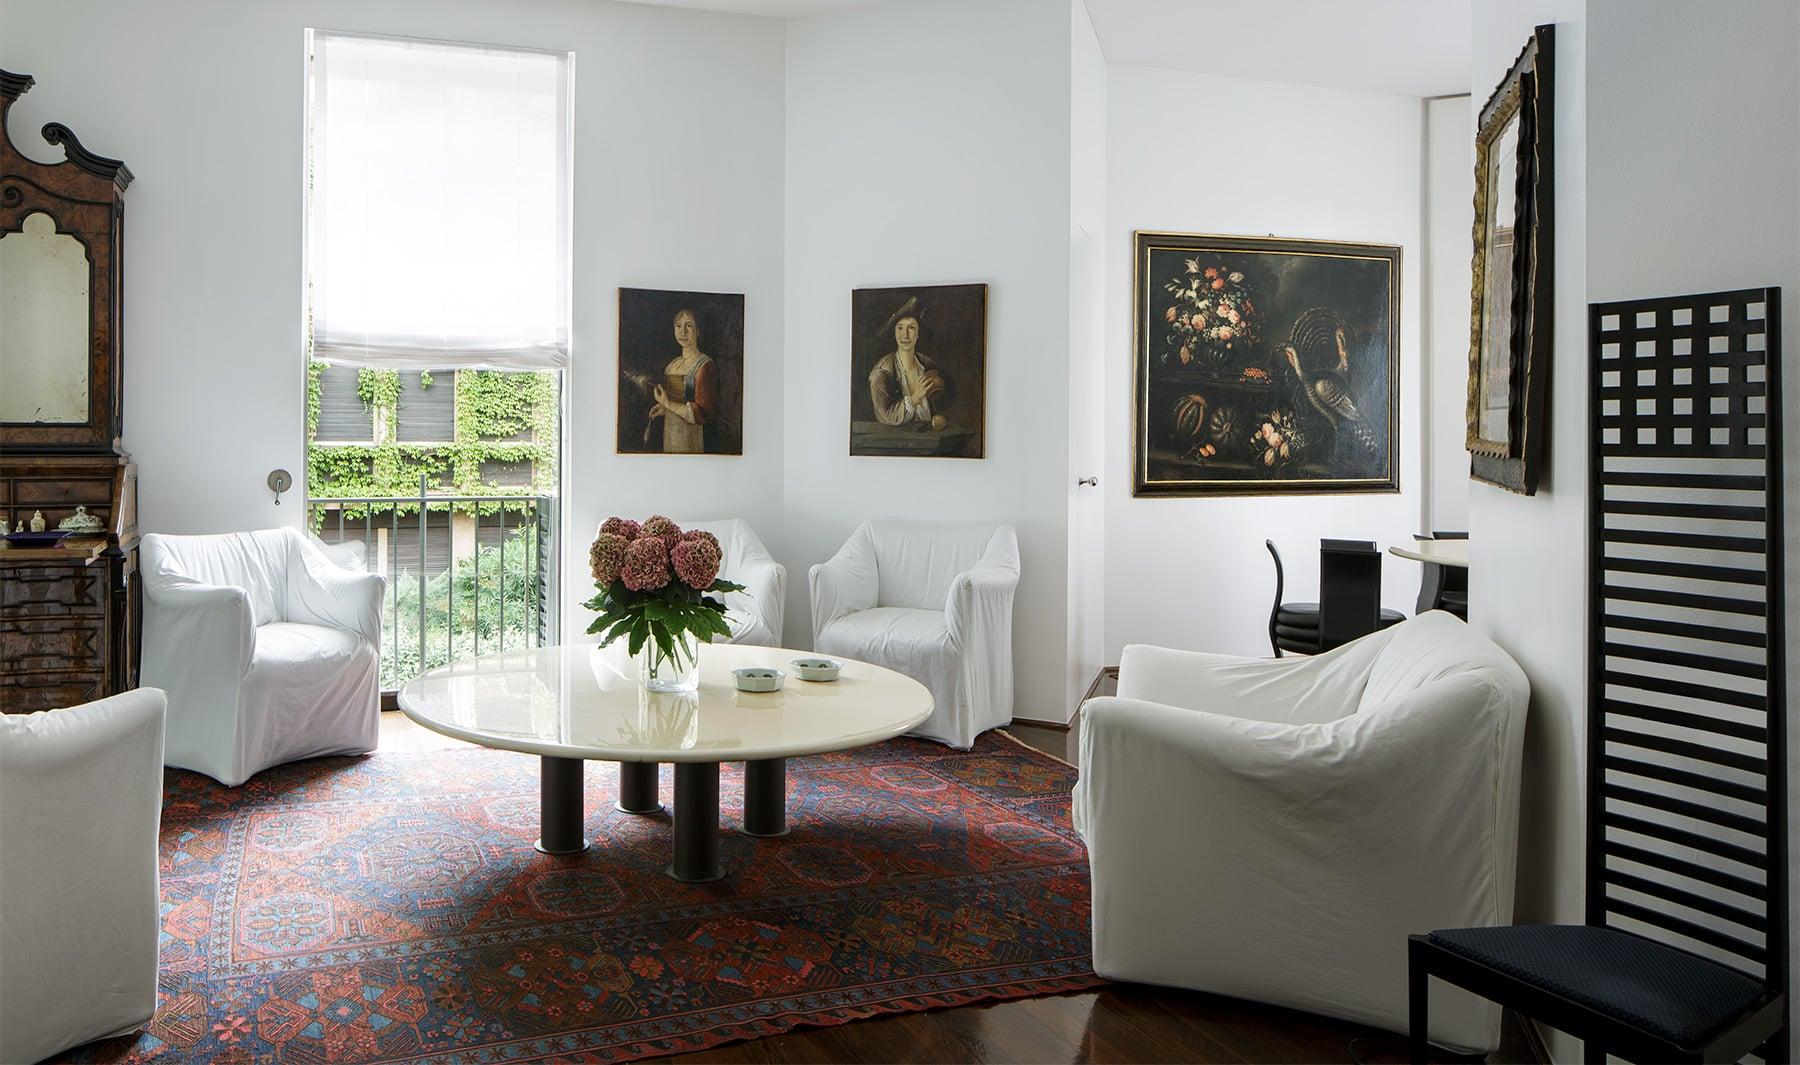 Francesco Soro's living room